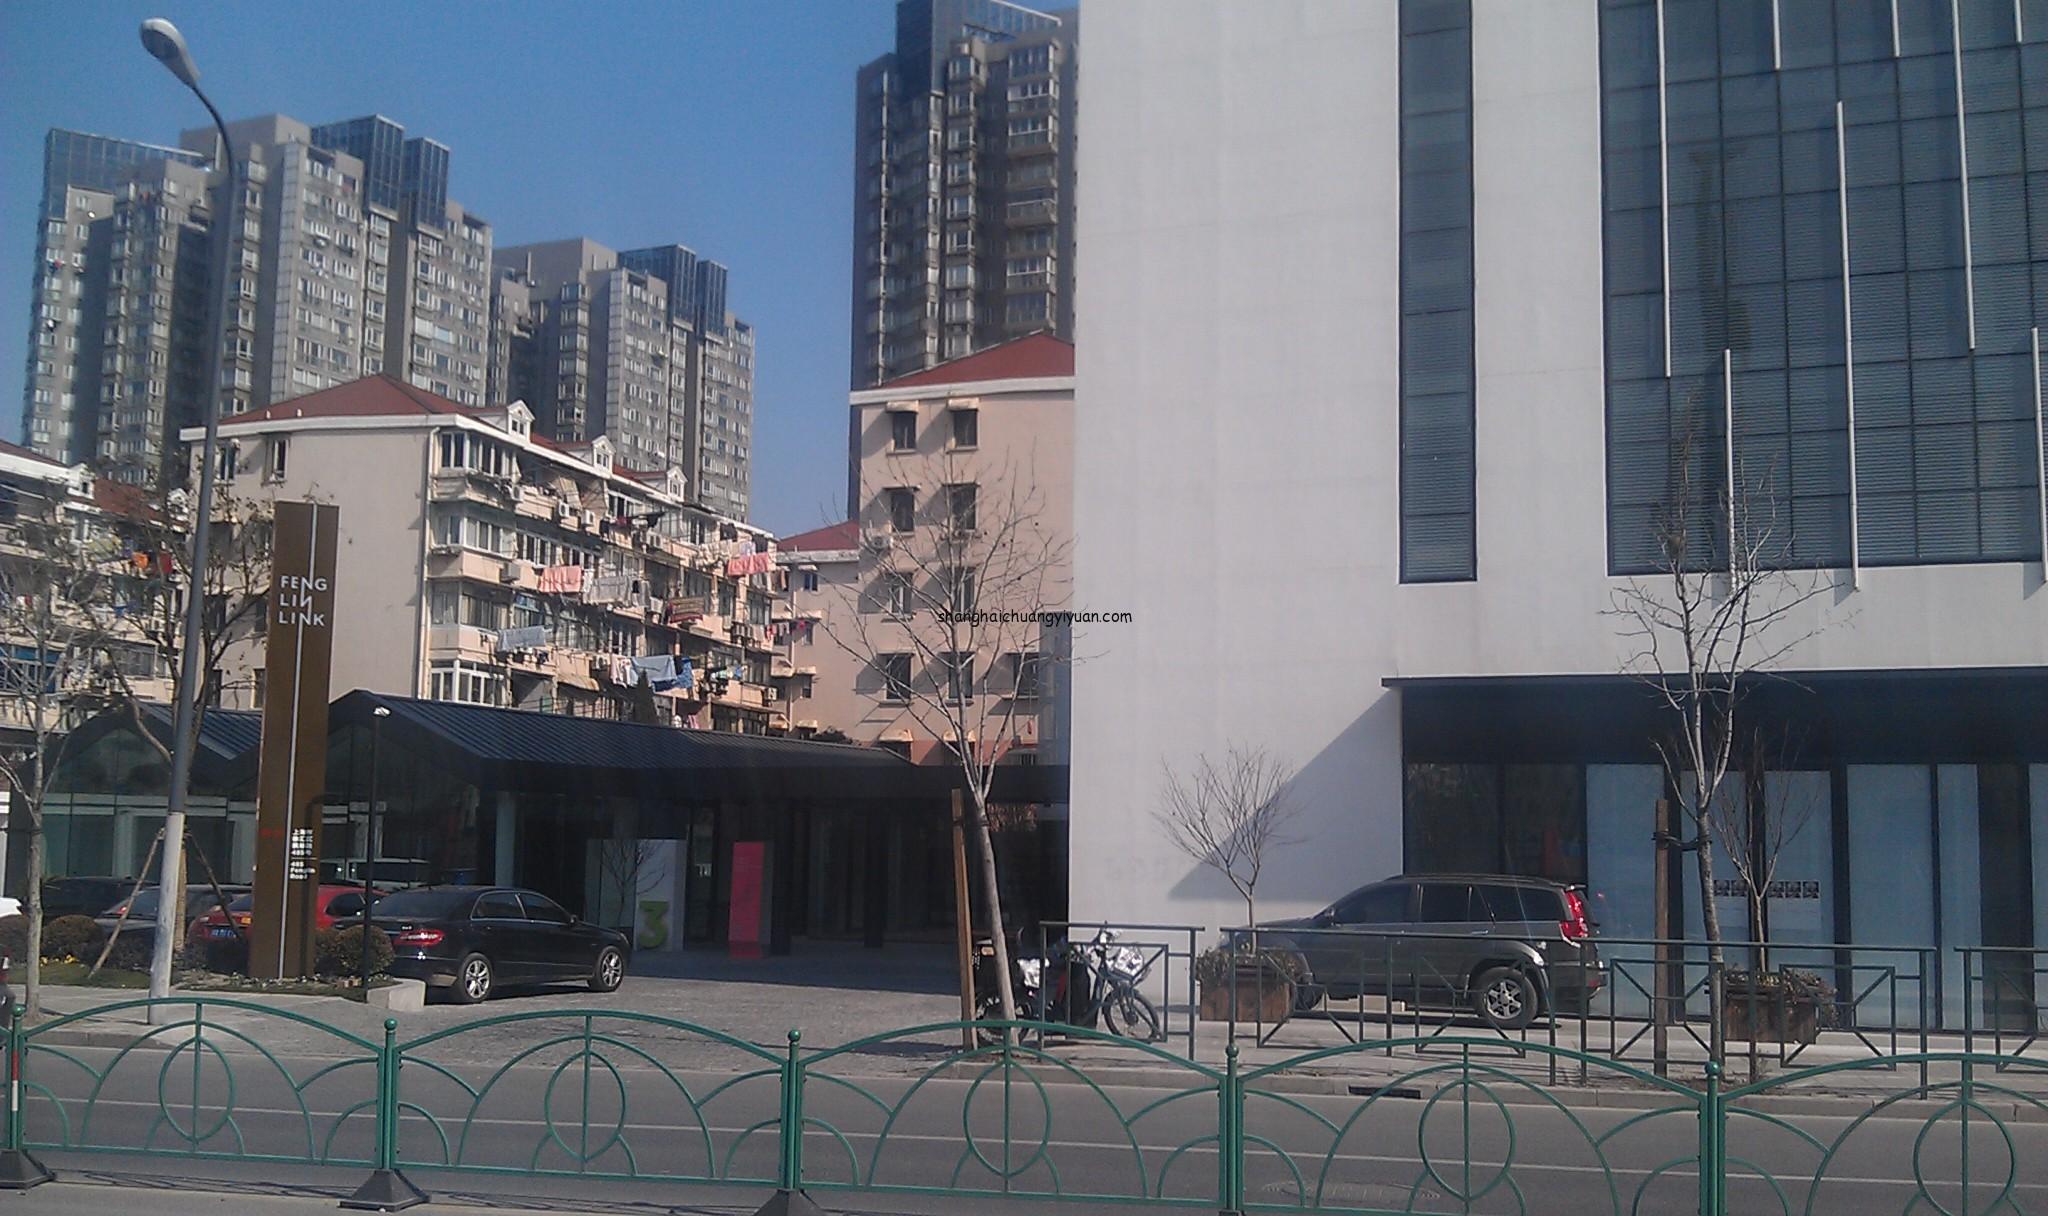 傲雷空间创意园(枫林link - 上海创意园出租 的日志图片